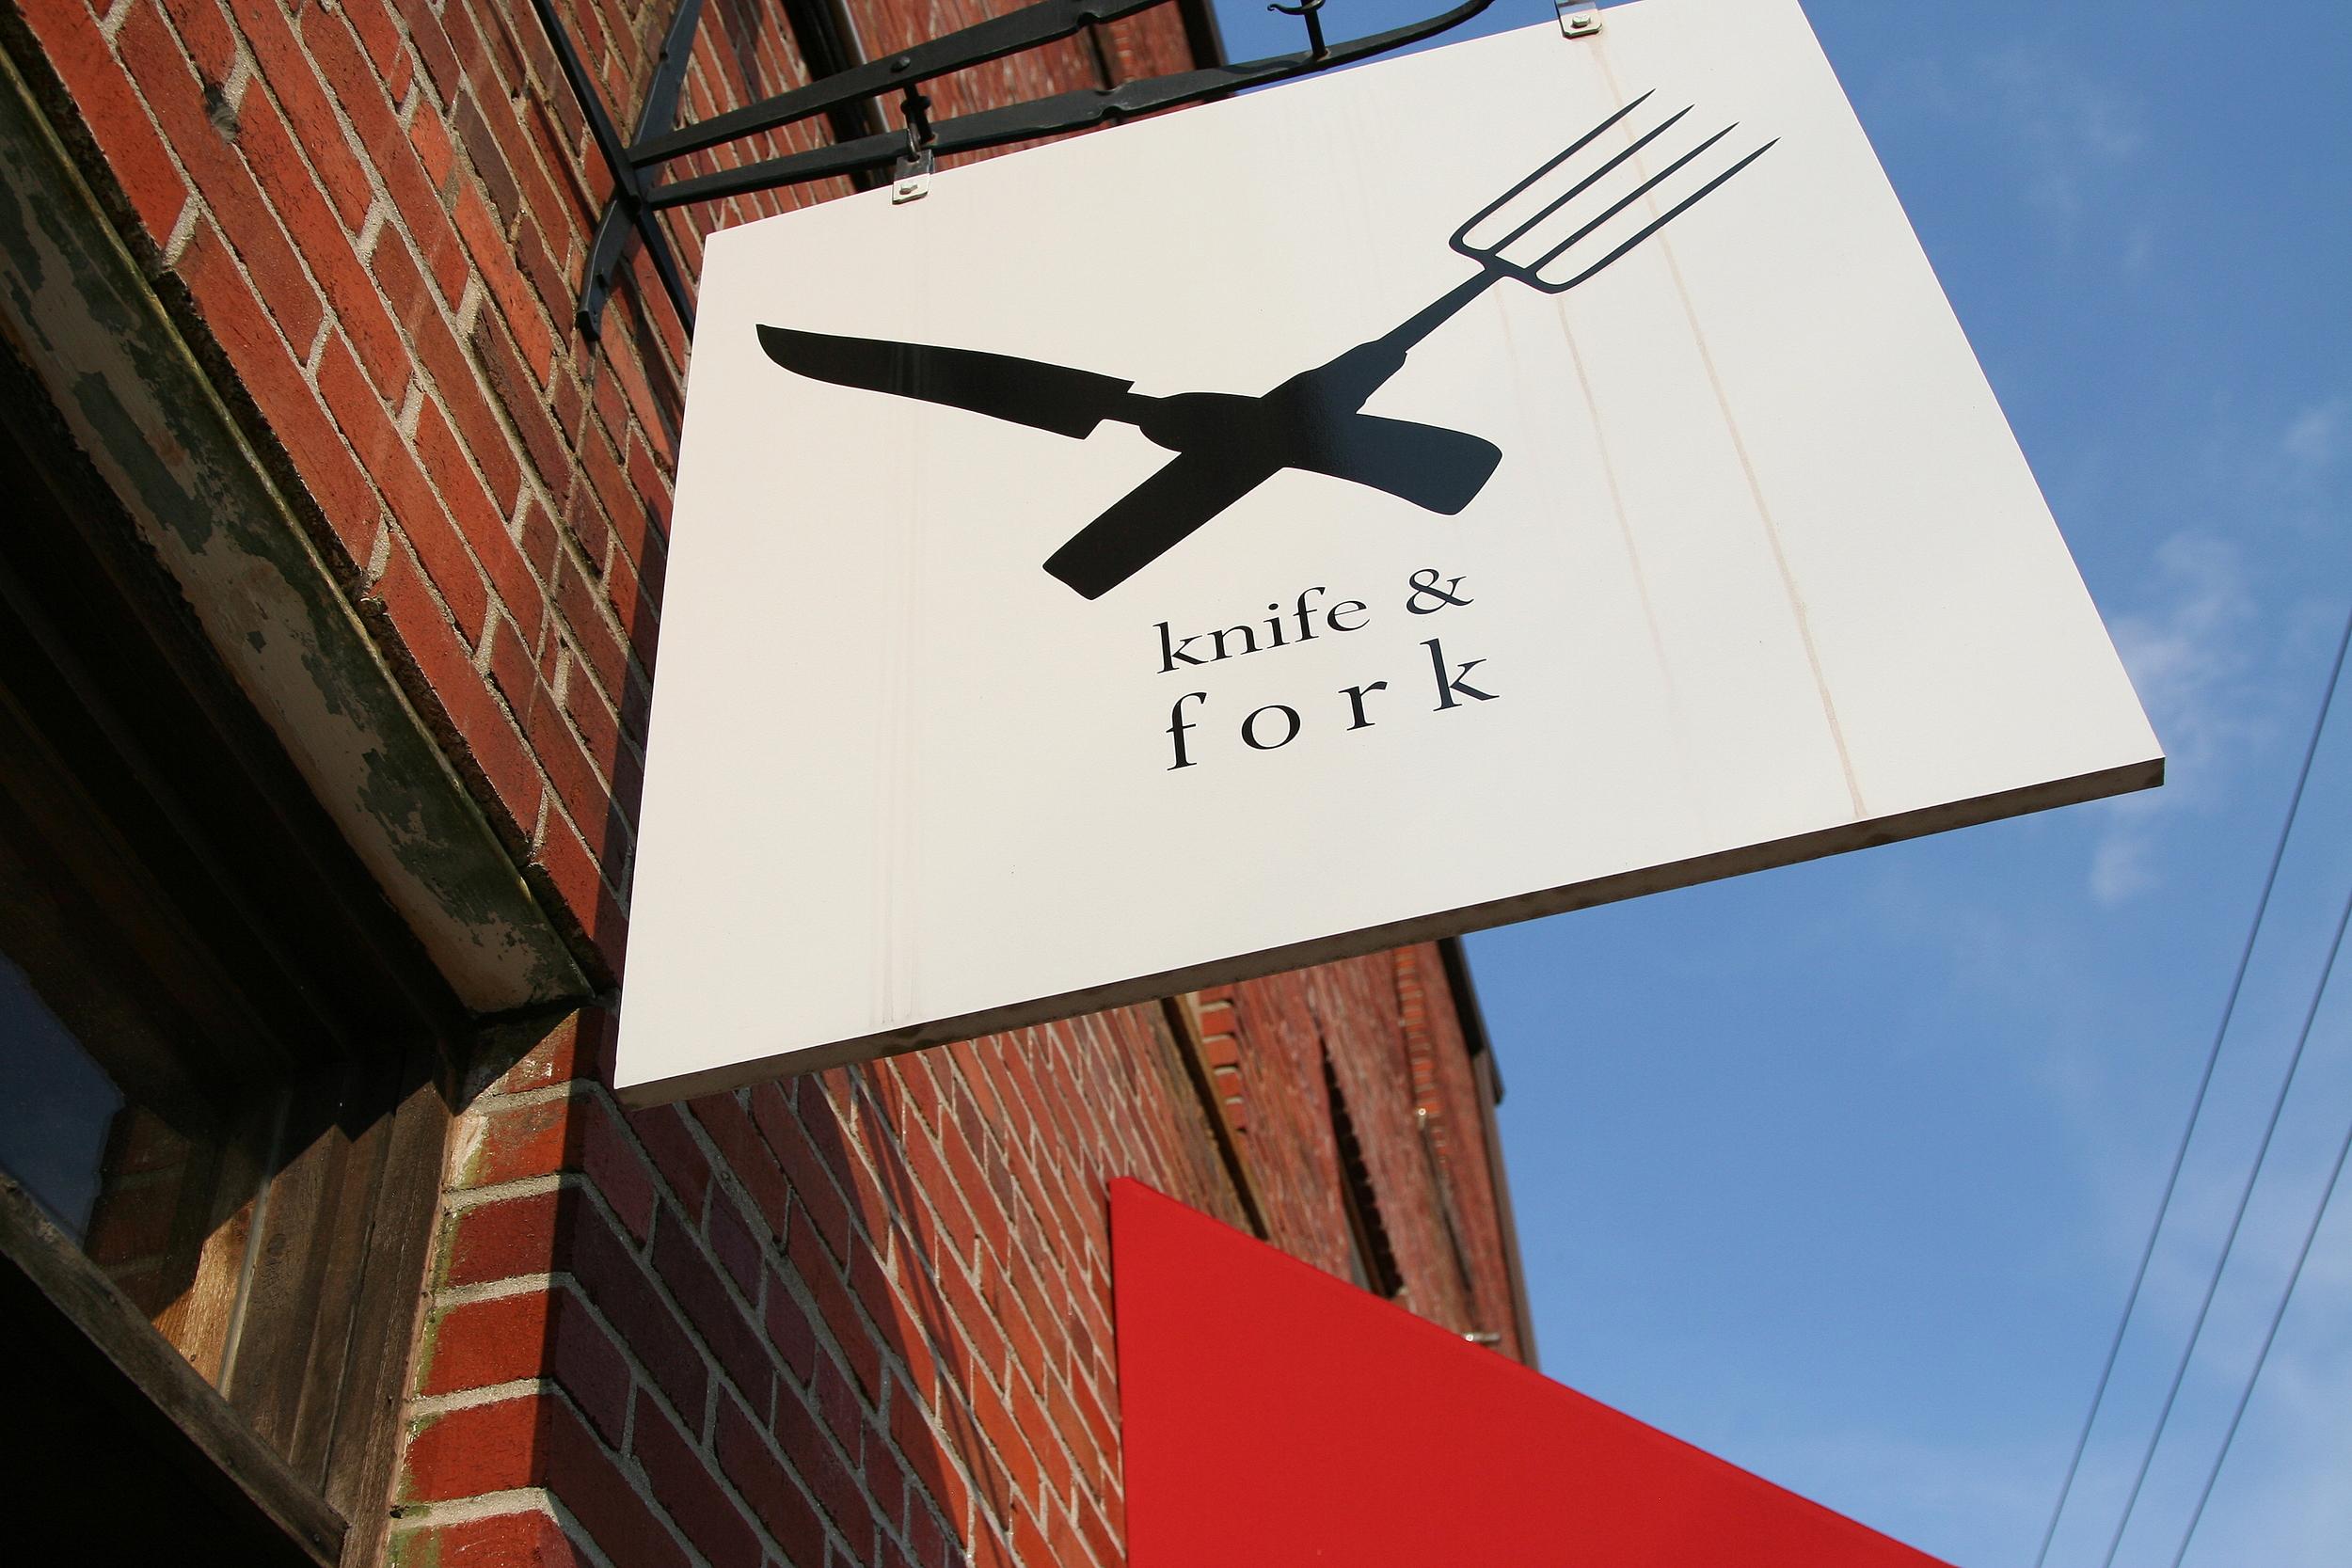 knife & fork sign.jpg